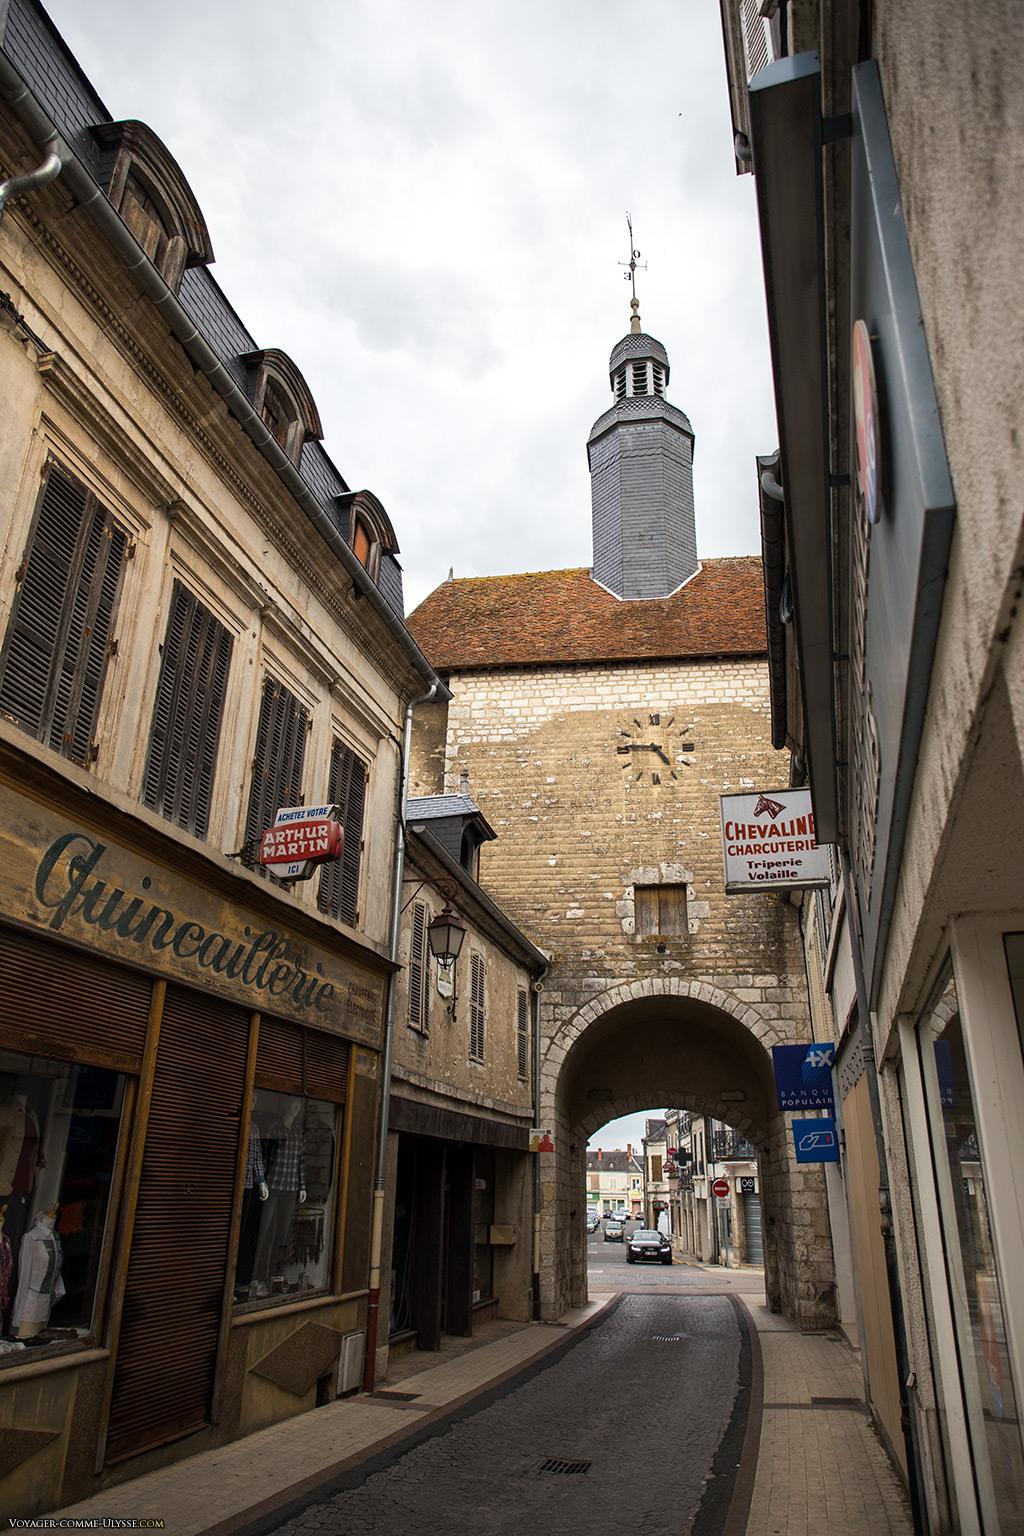 La Porte de l'Horloge, mais vue cette fois-ci de l'intérieur de la ville. Regardez la boutique à gauche, est-ce vraiment une quincaillerie?